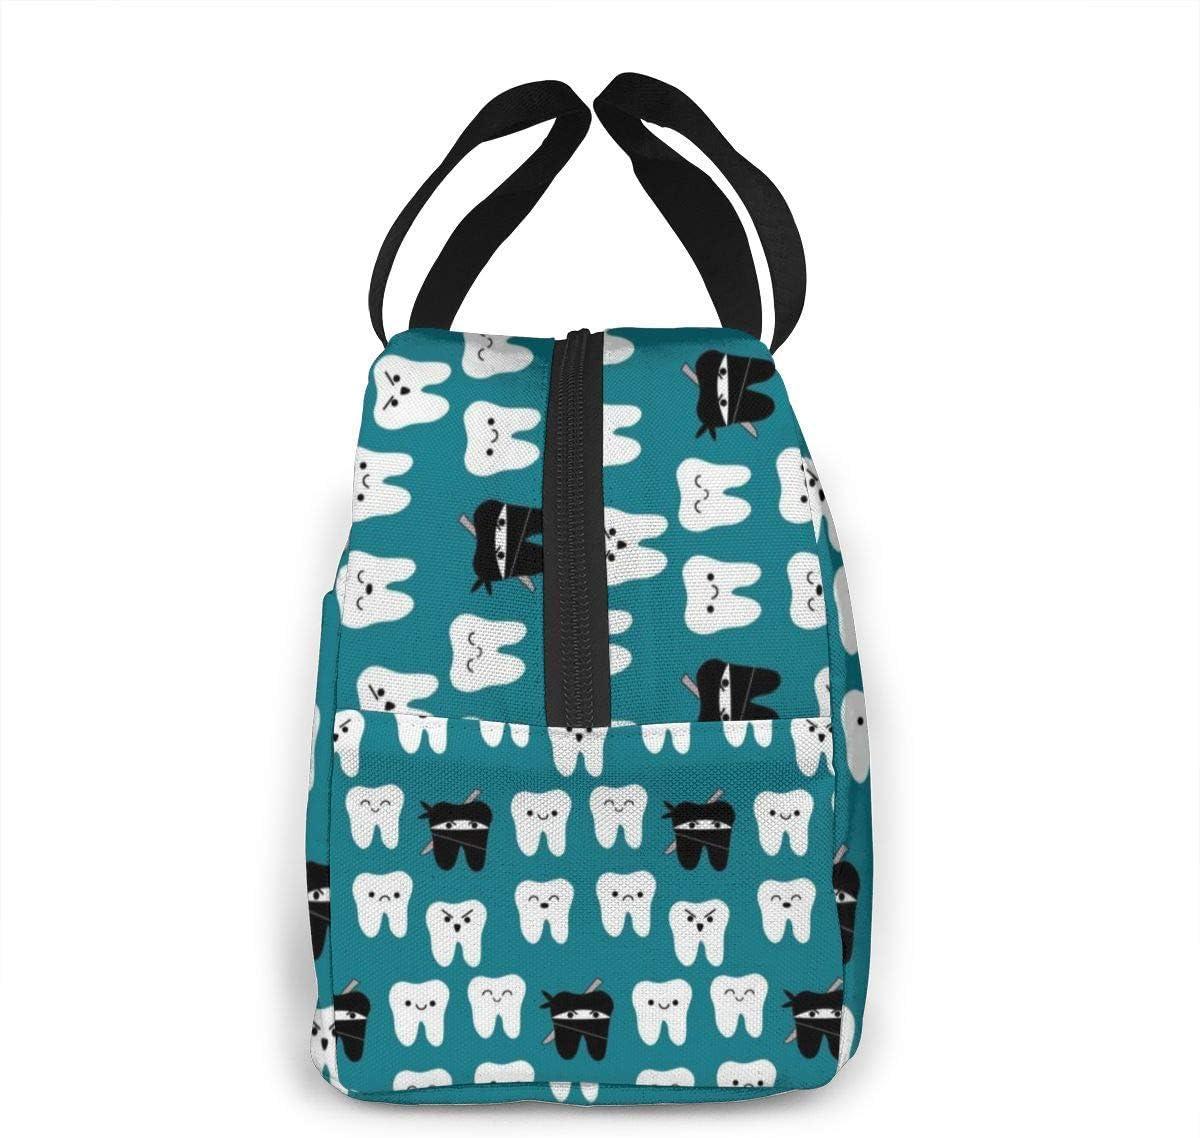 Bolsa de almuerzo con aislamiento dental para dentista y dientes bolsa de almuerzo reutilizable para mujeres y hombres para viajes de trabajo, organizador ZYWL Antcreptson con bolsillo frontal